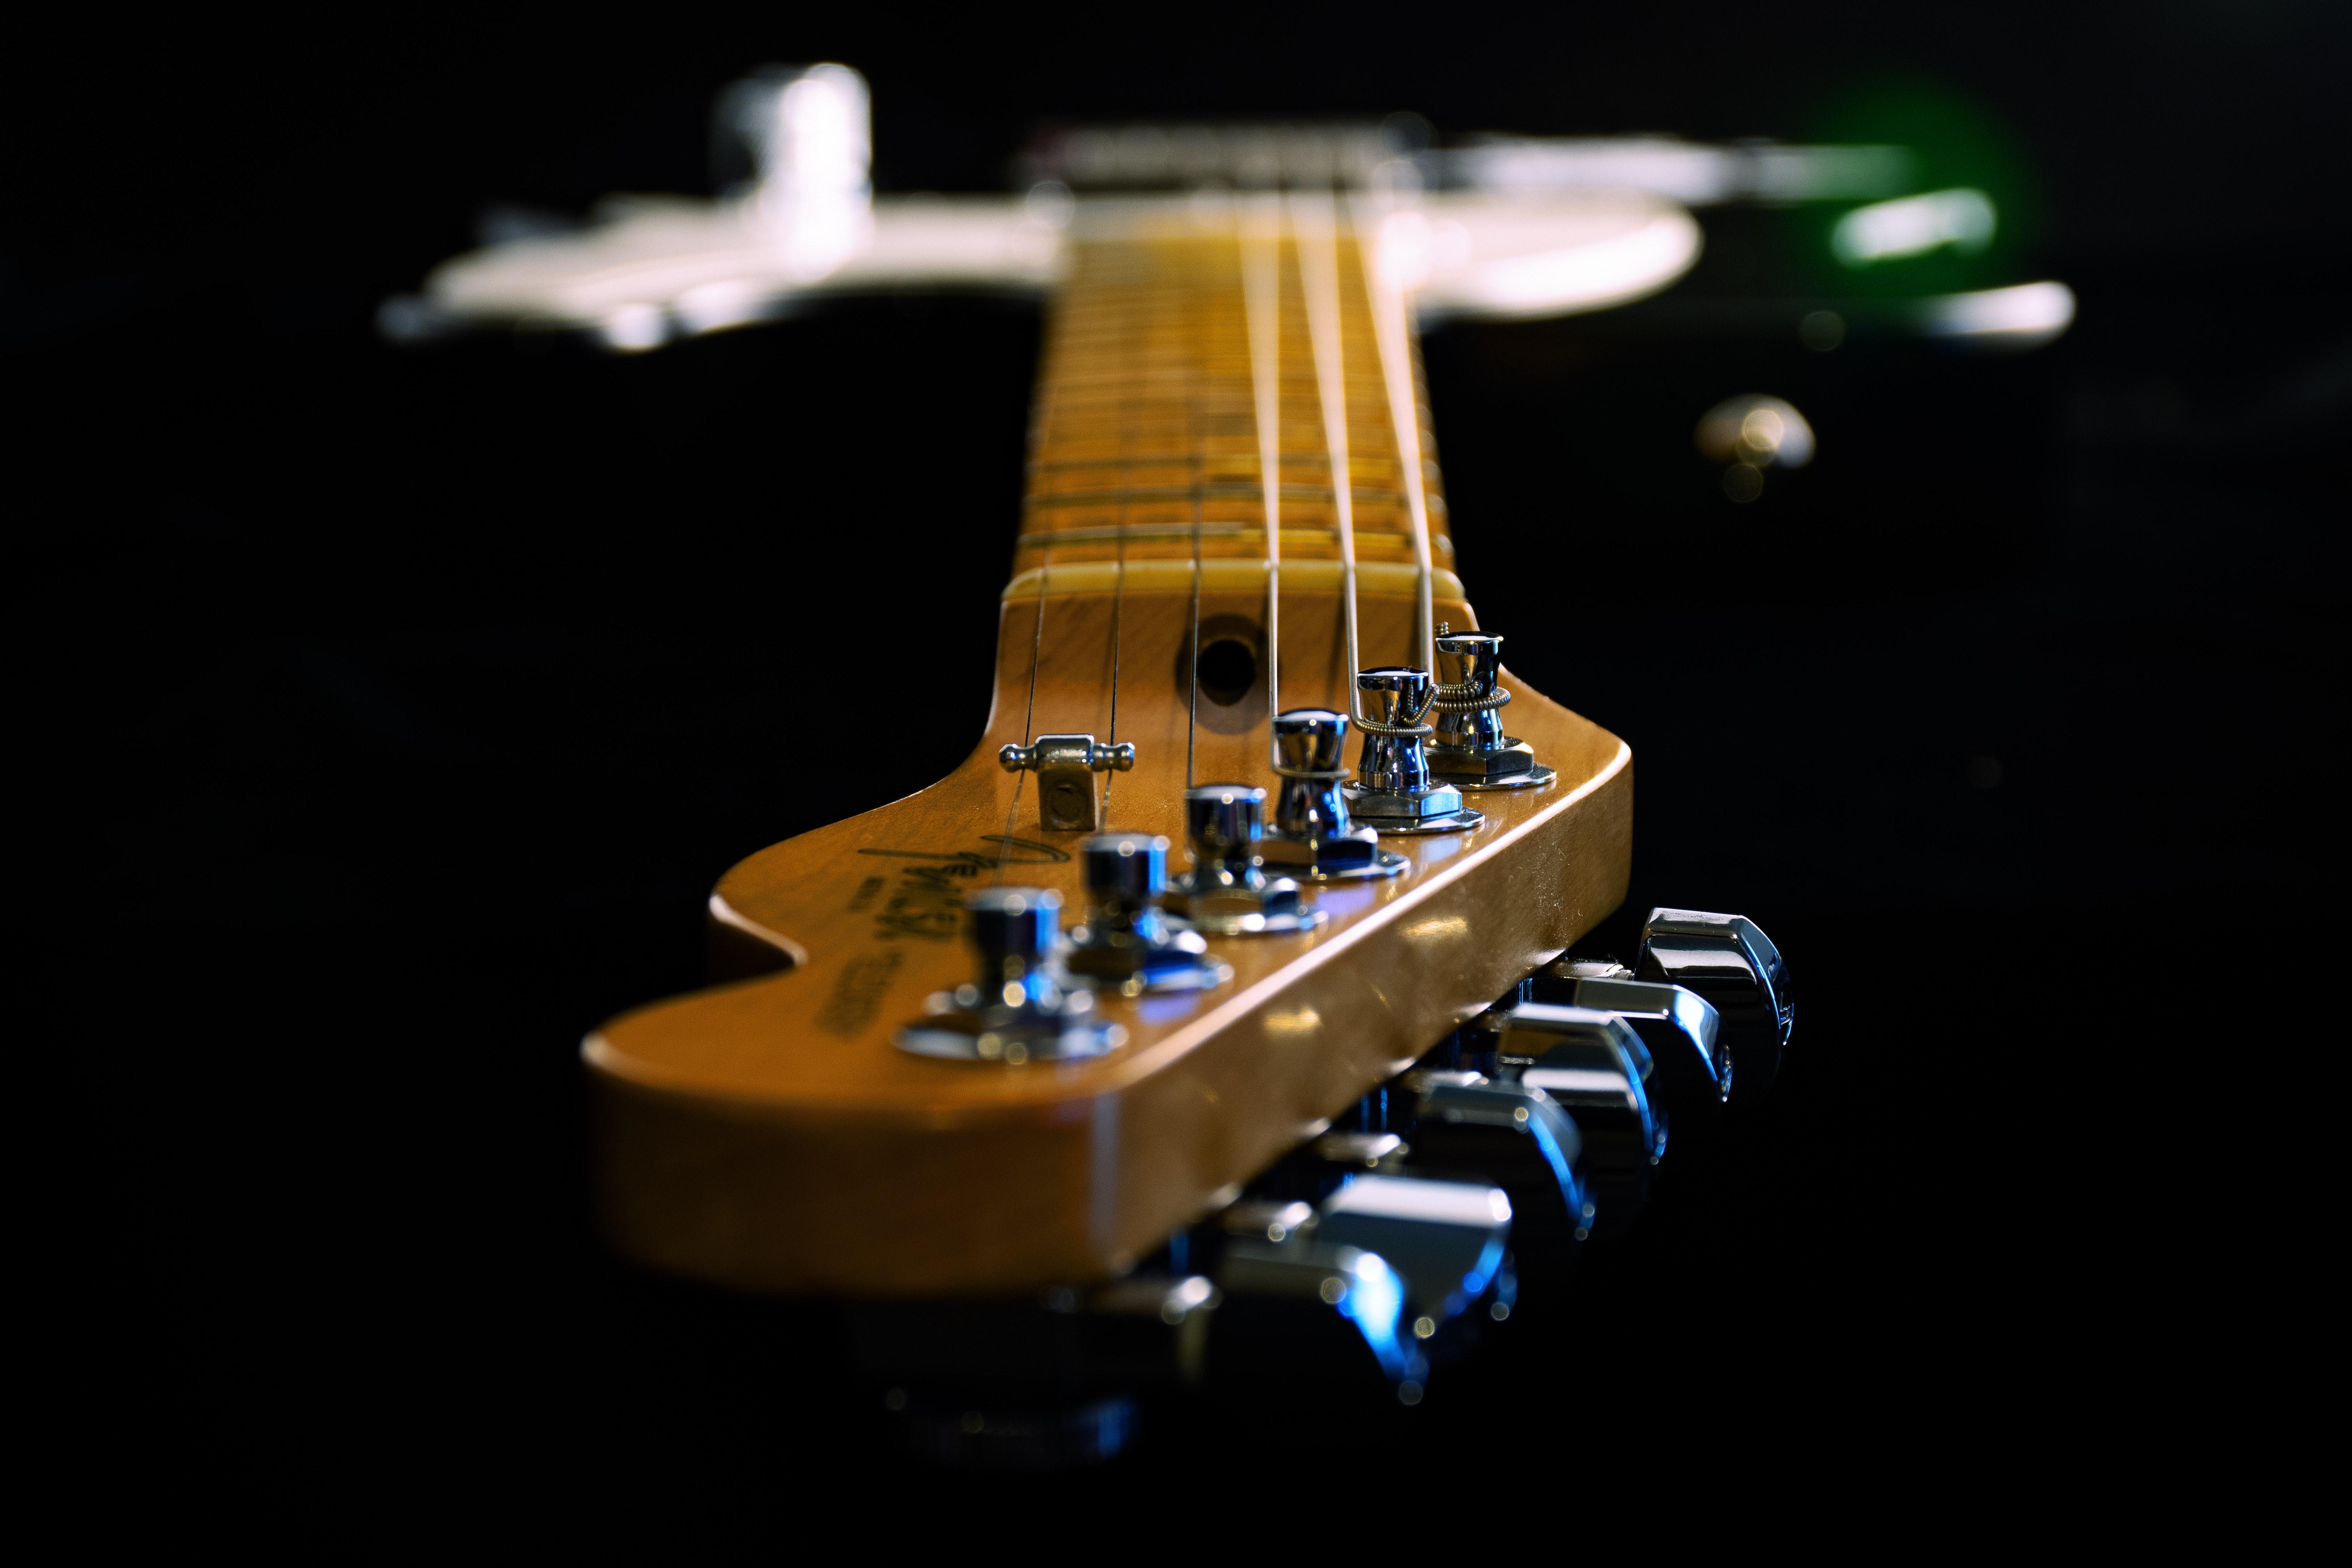 depth-of-field-electric-guitar-guitar-1205062